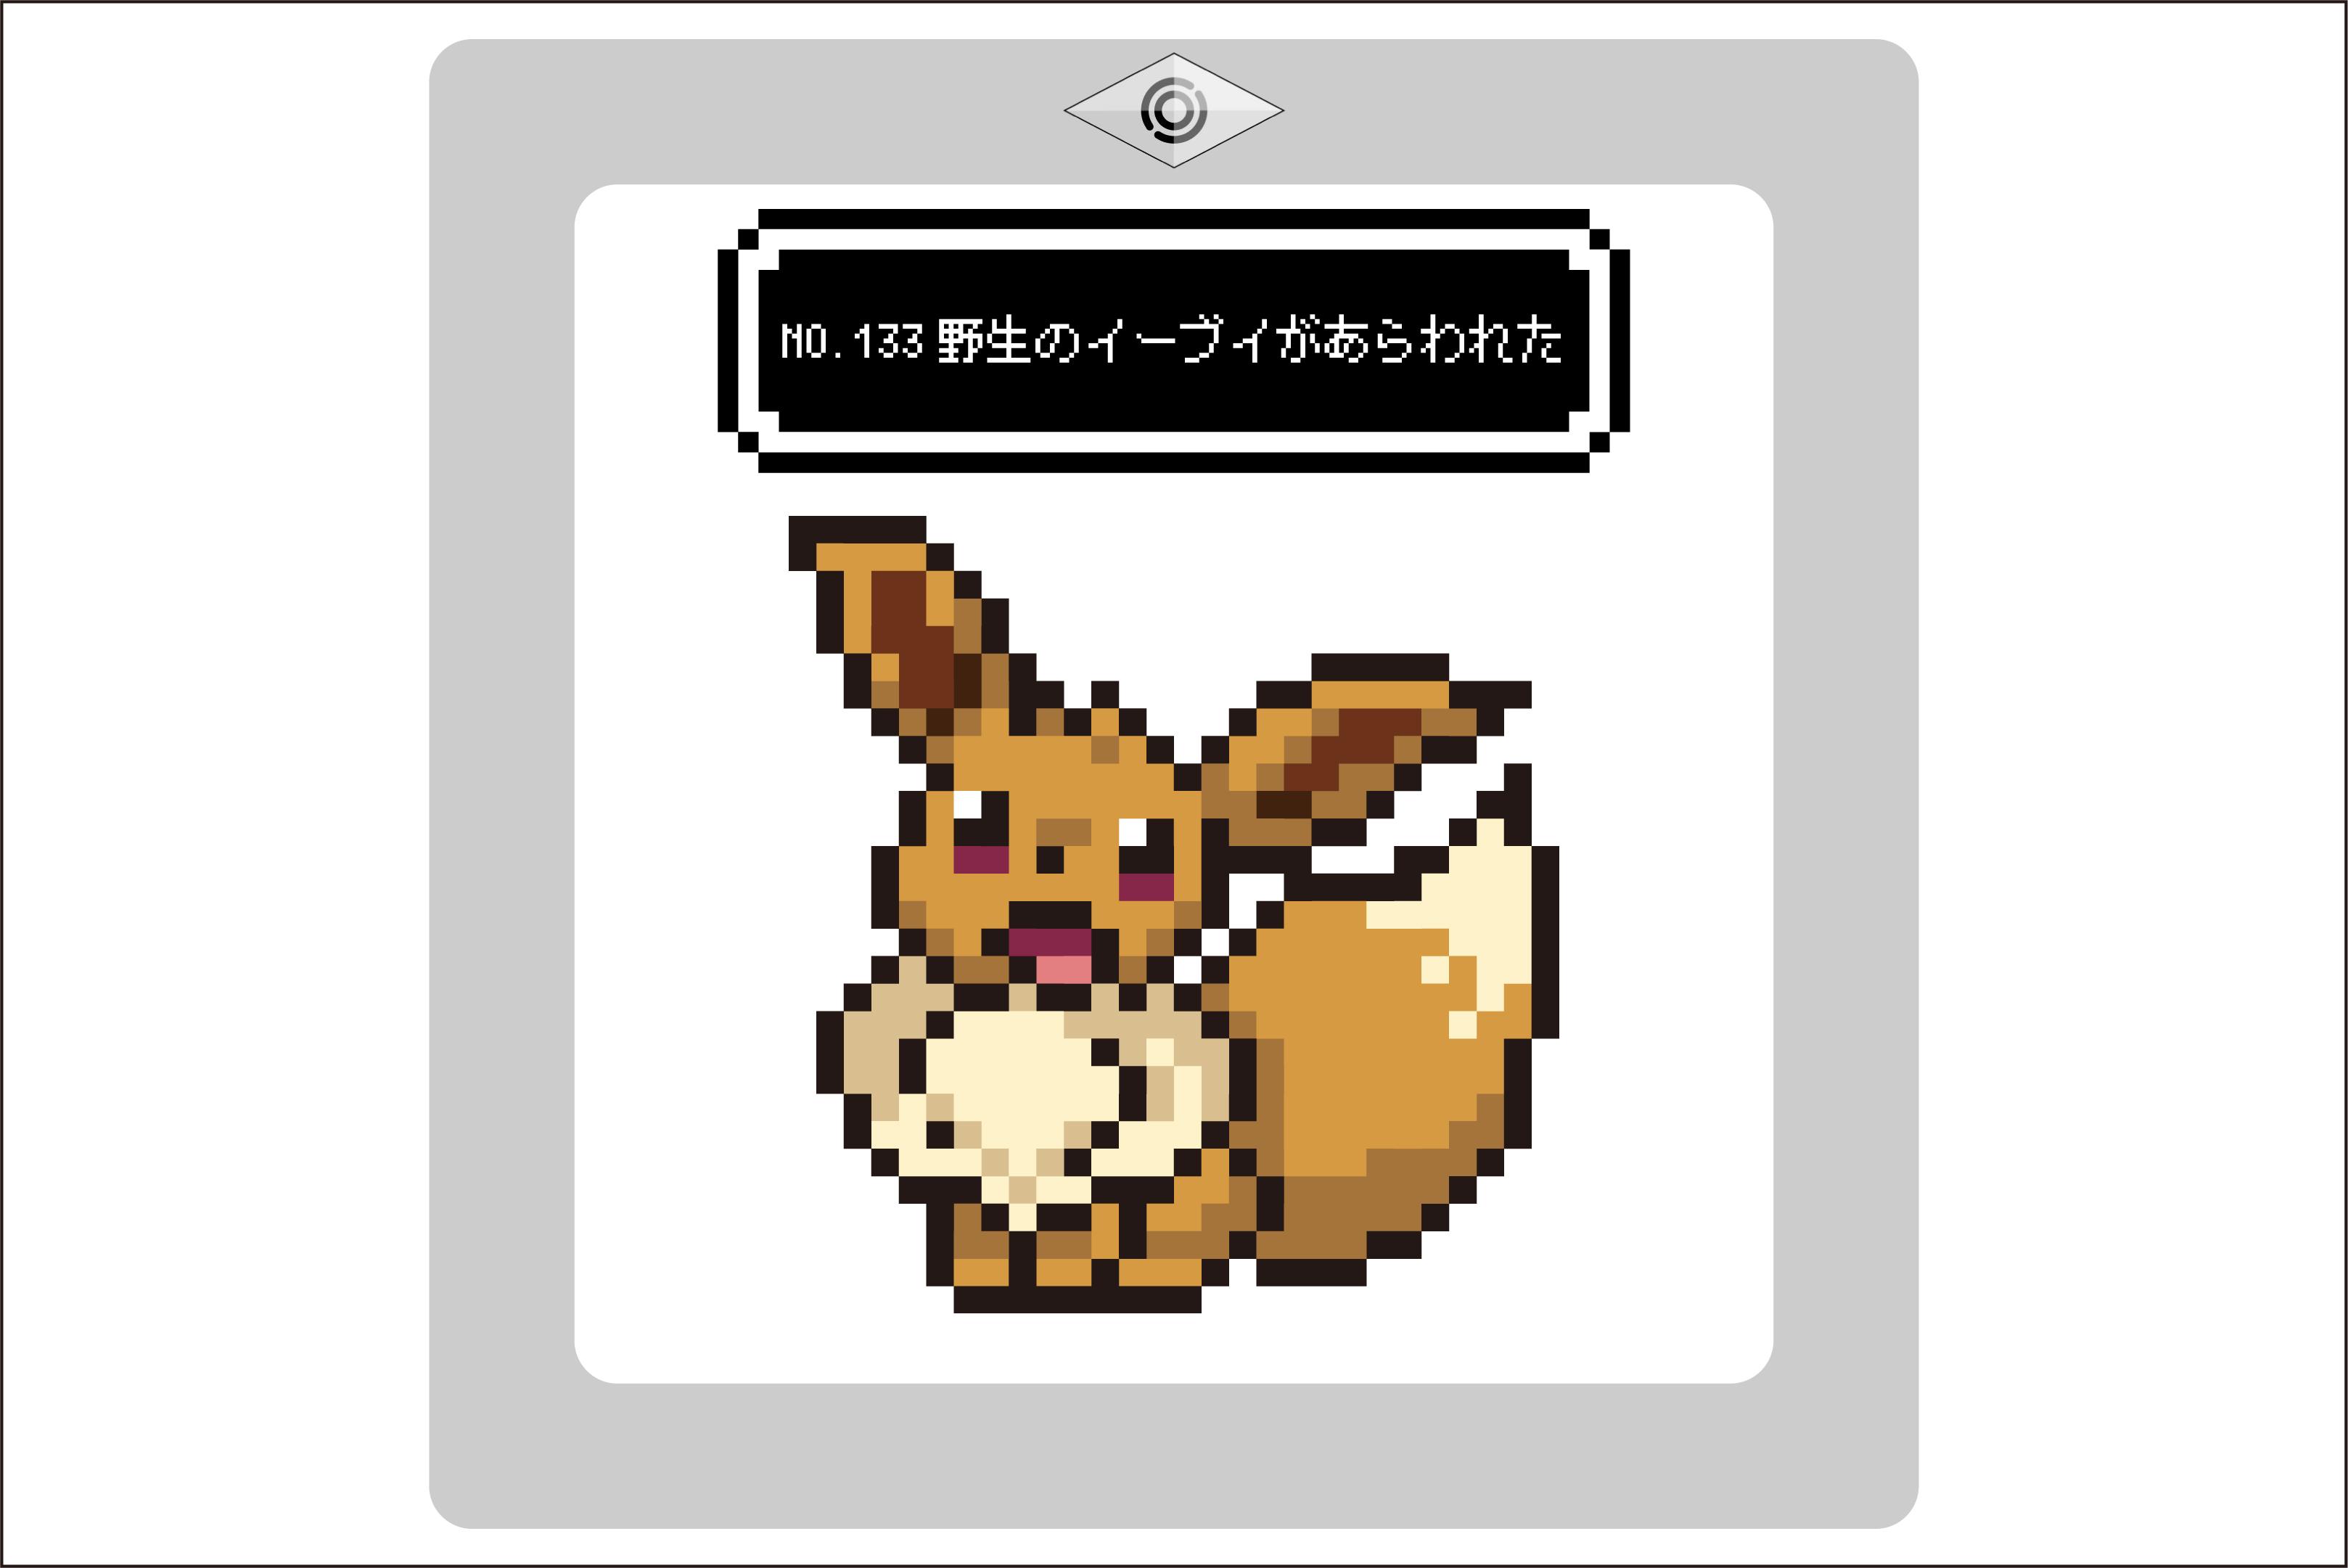 【ポケモン】イーブイのアイロンビーズ図案